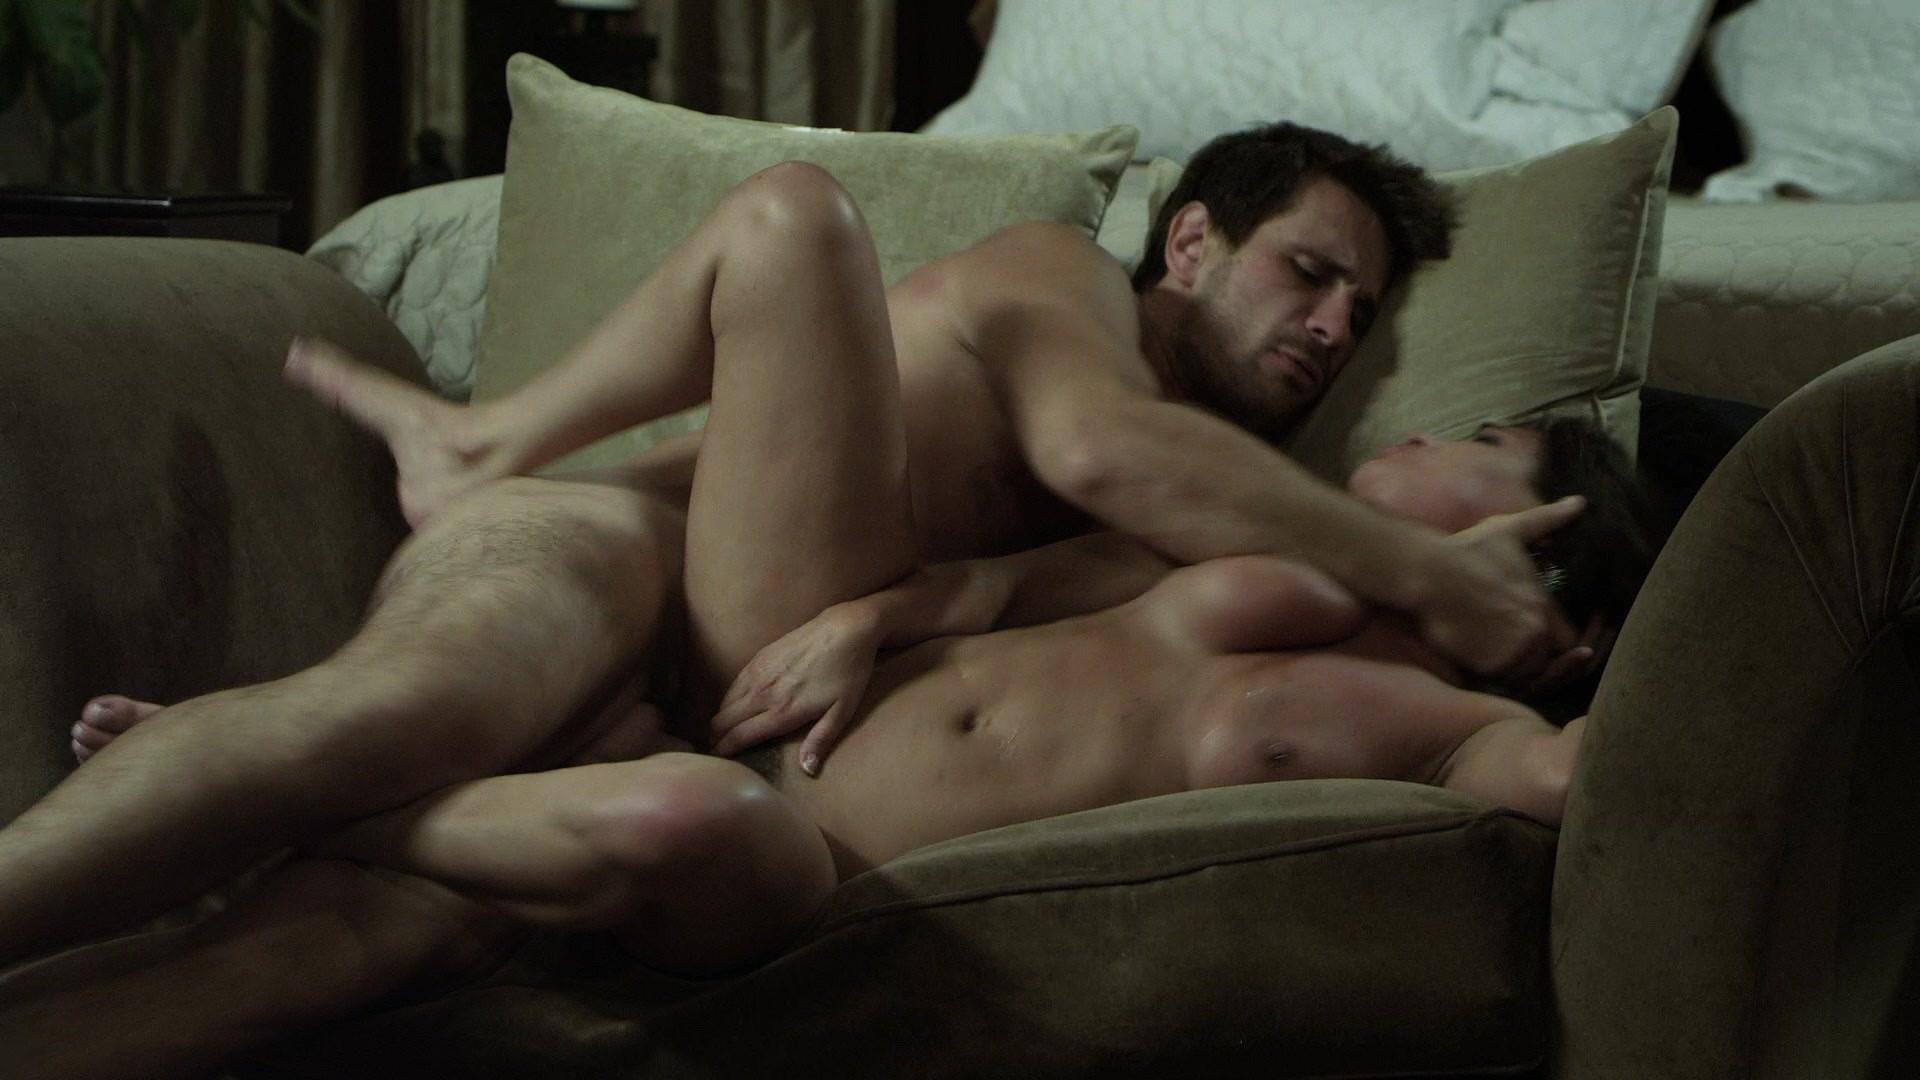 Nude Picture Sex Scenes Gif